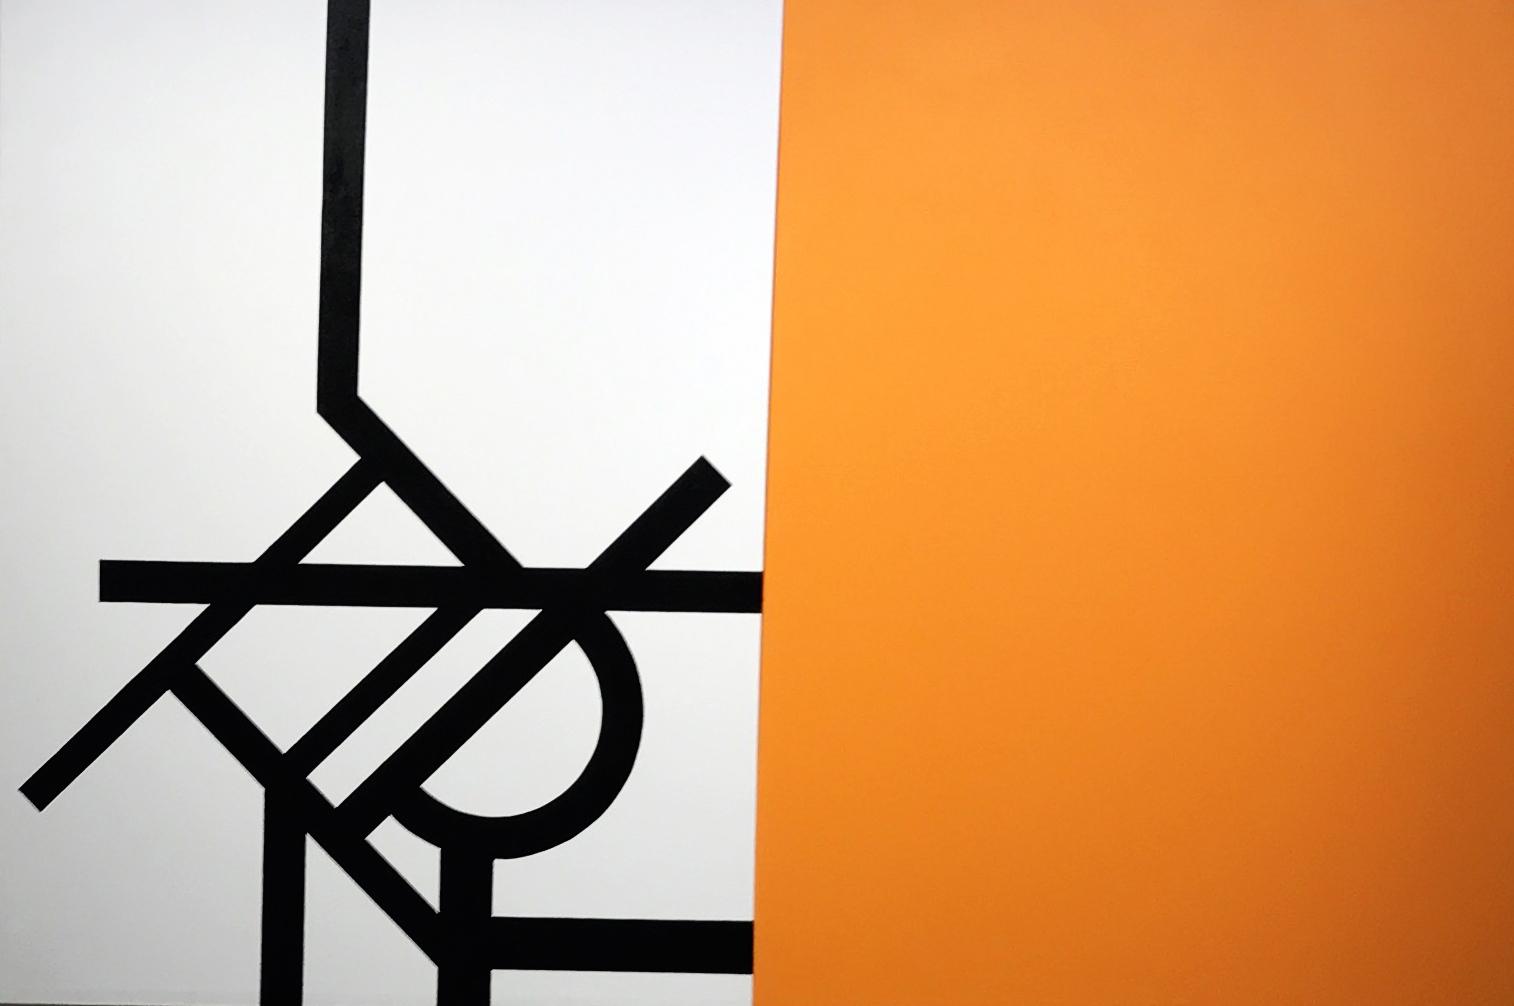 Language Barrier: Orange